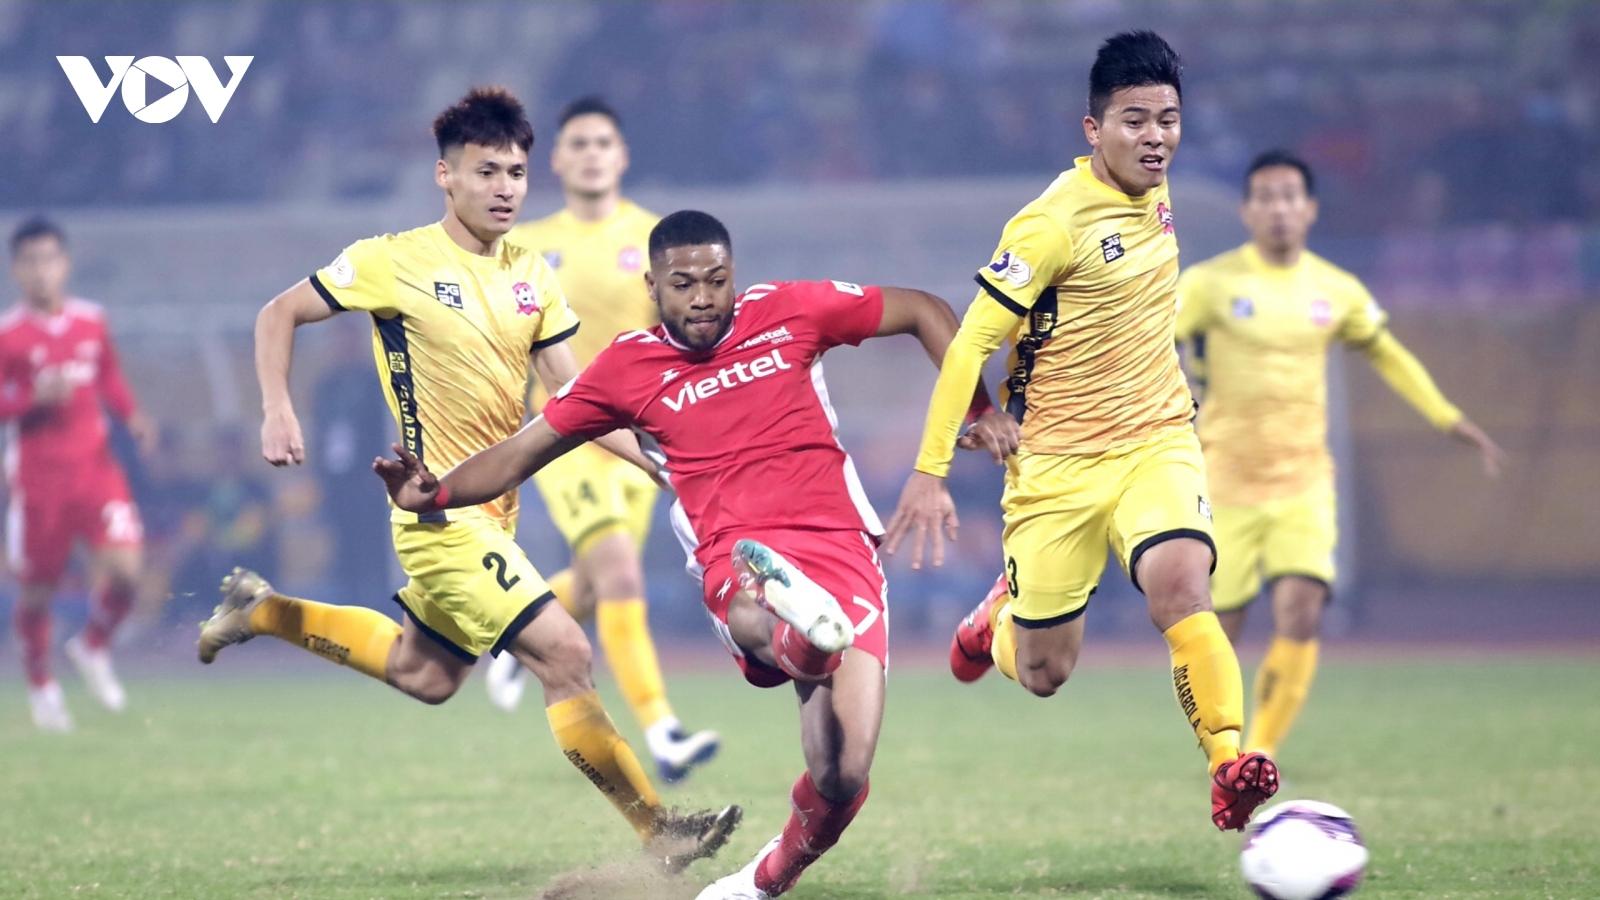 Thua 0-1 trước Hải Phòng, ĐKVĐ V-League Viettel trắng tay trận mở màn mùa giải mới